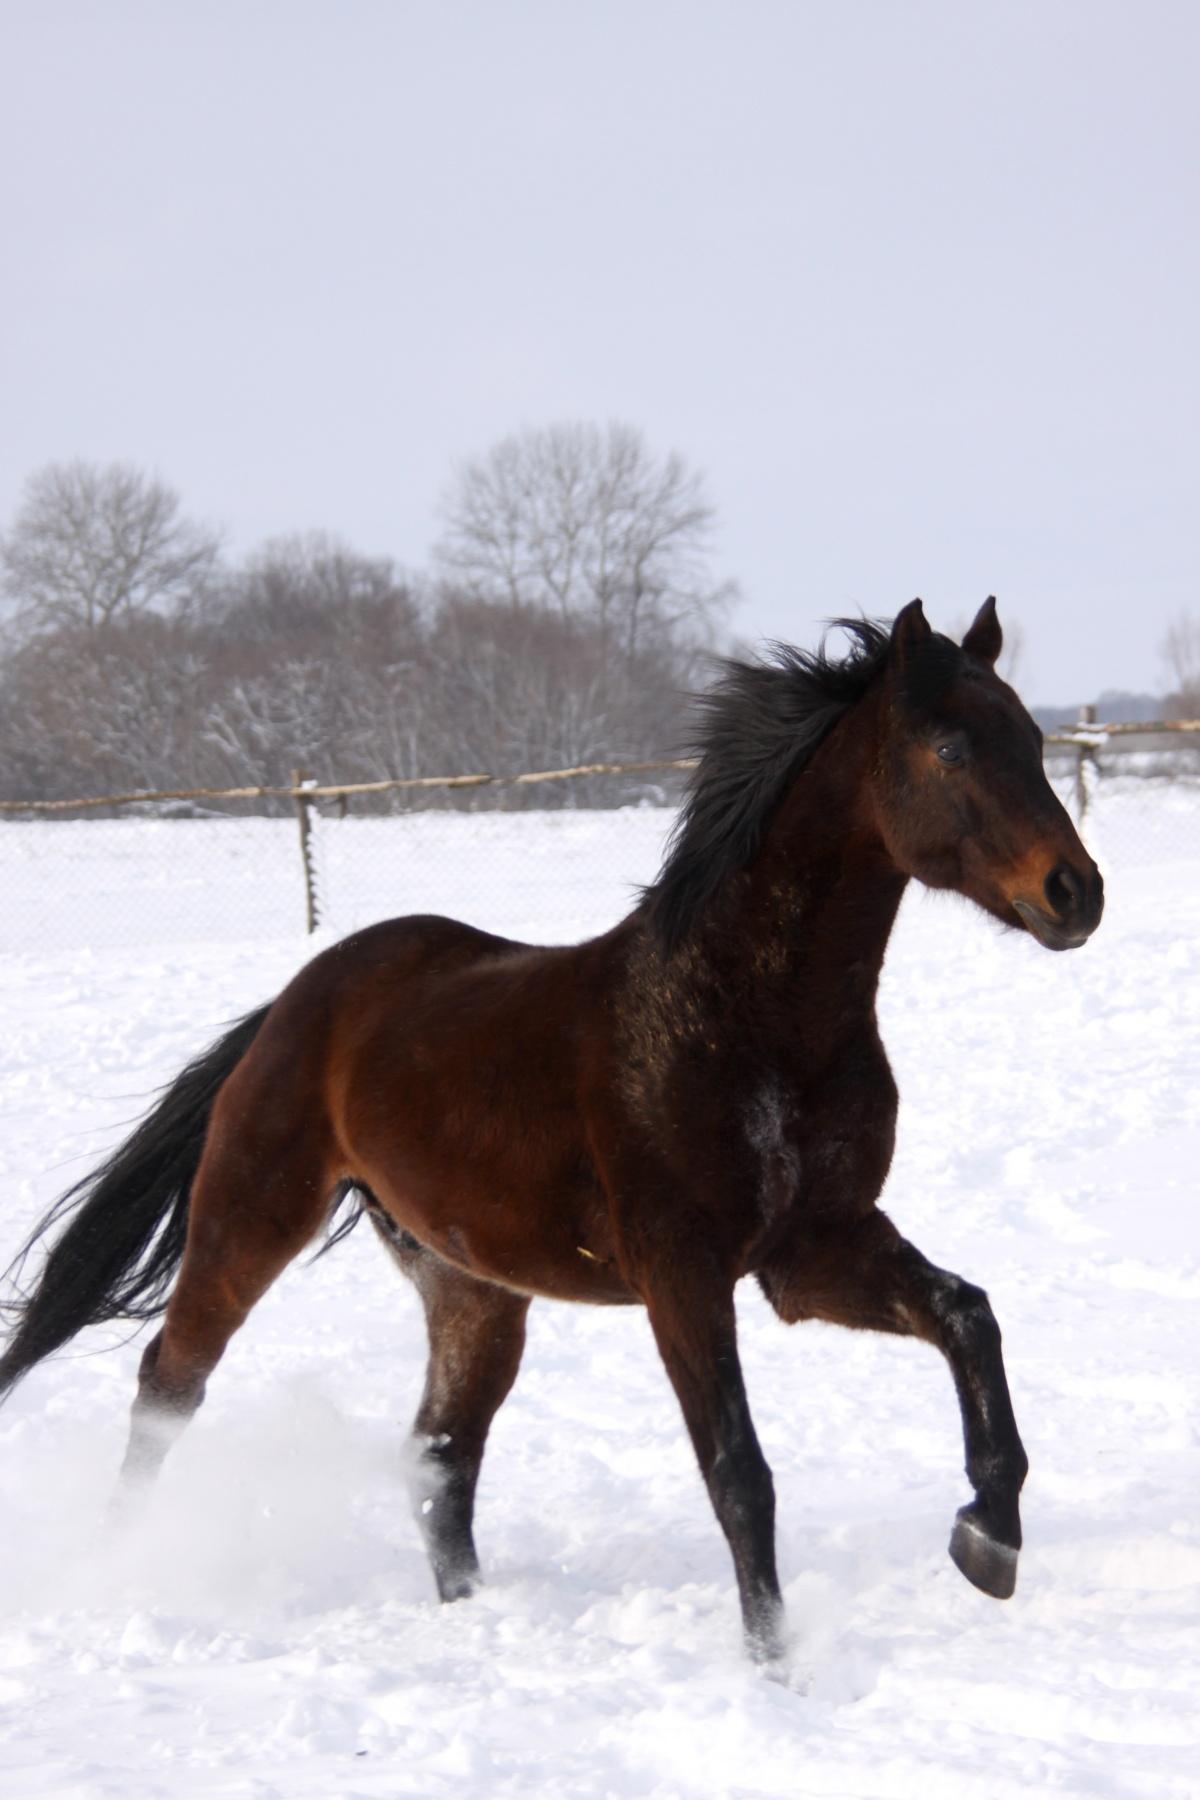 Meilleur de coloriage imprimer cheval couleur - Animaux a imprimer en couleur ...